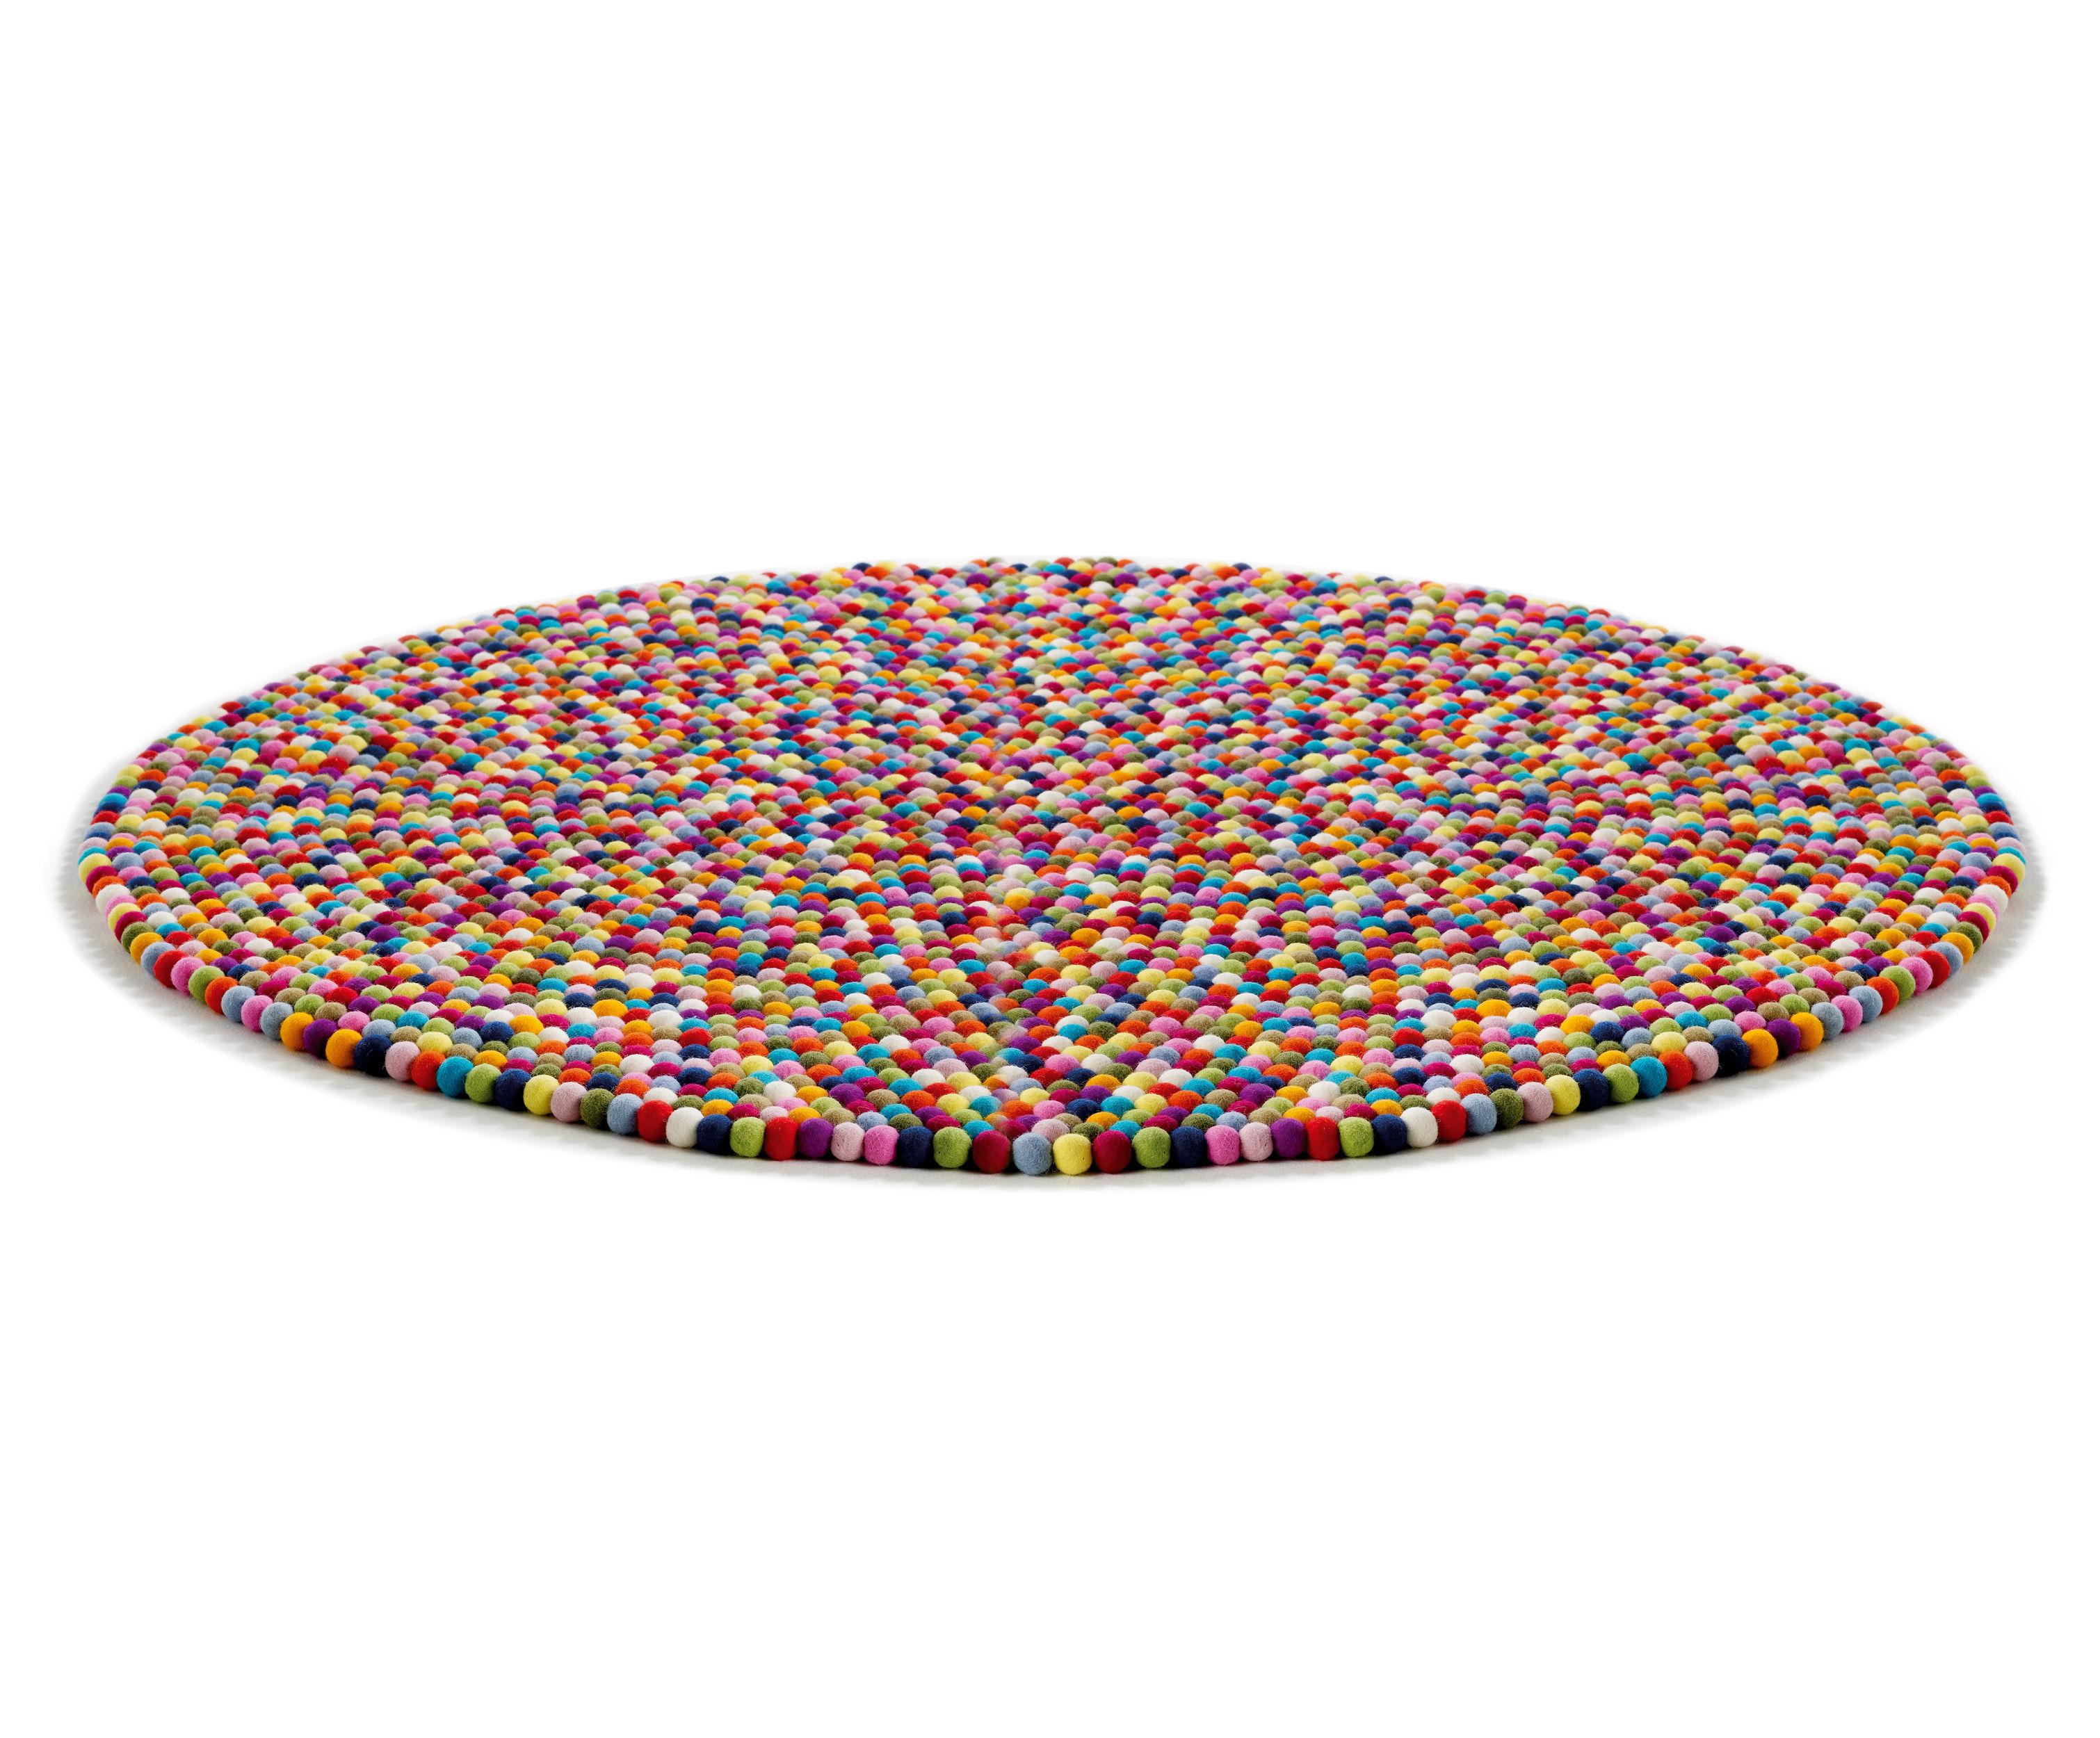 tapis pinocchio ø 140 cm hay caractéristiques du produit marque hay